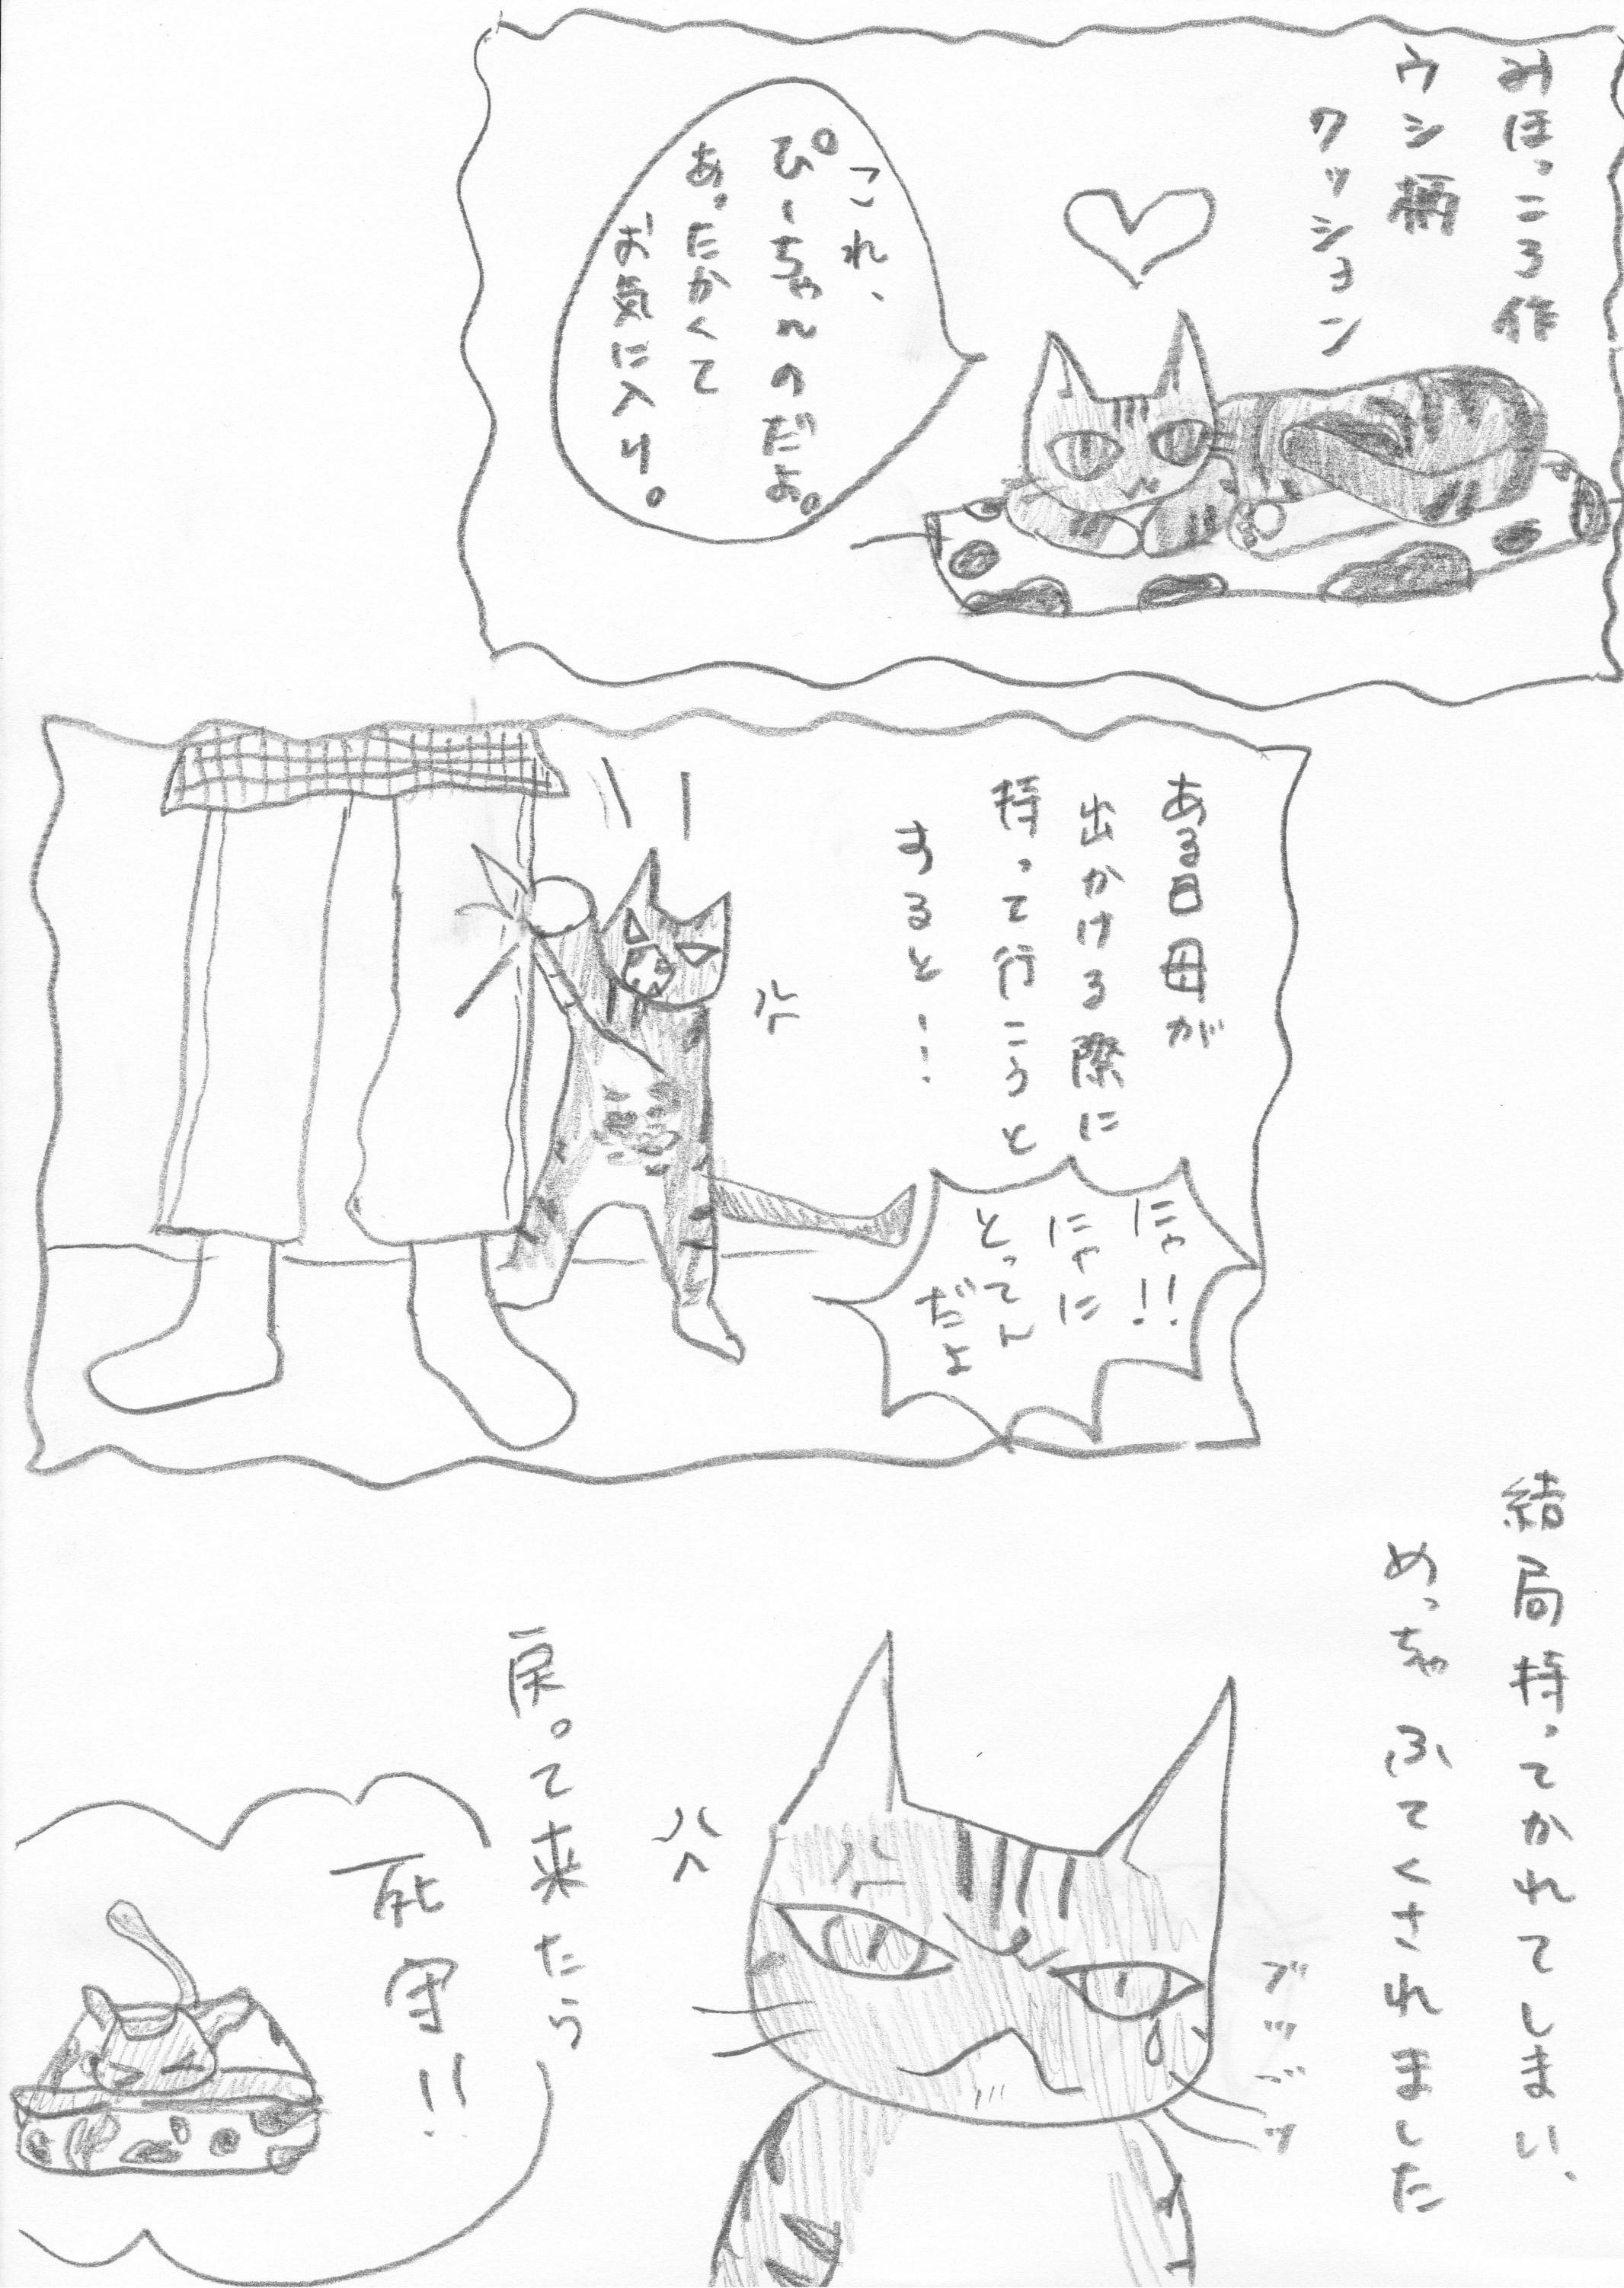 牛柄のクッション ピッコロ猫マンガ